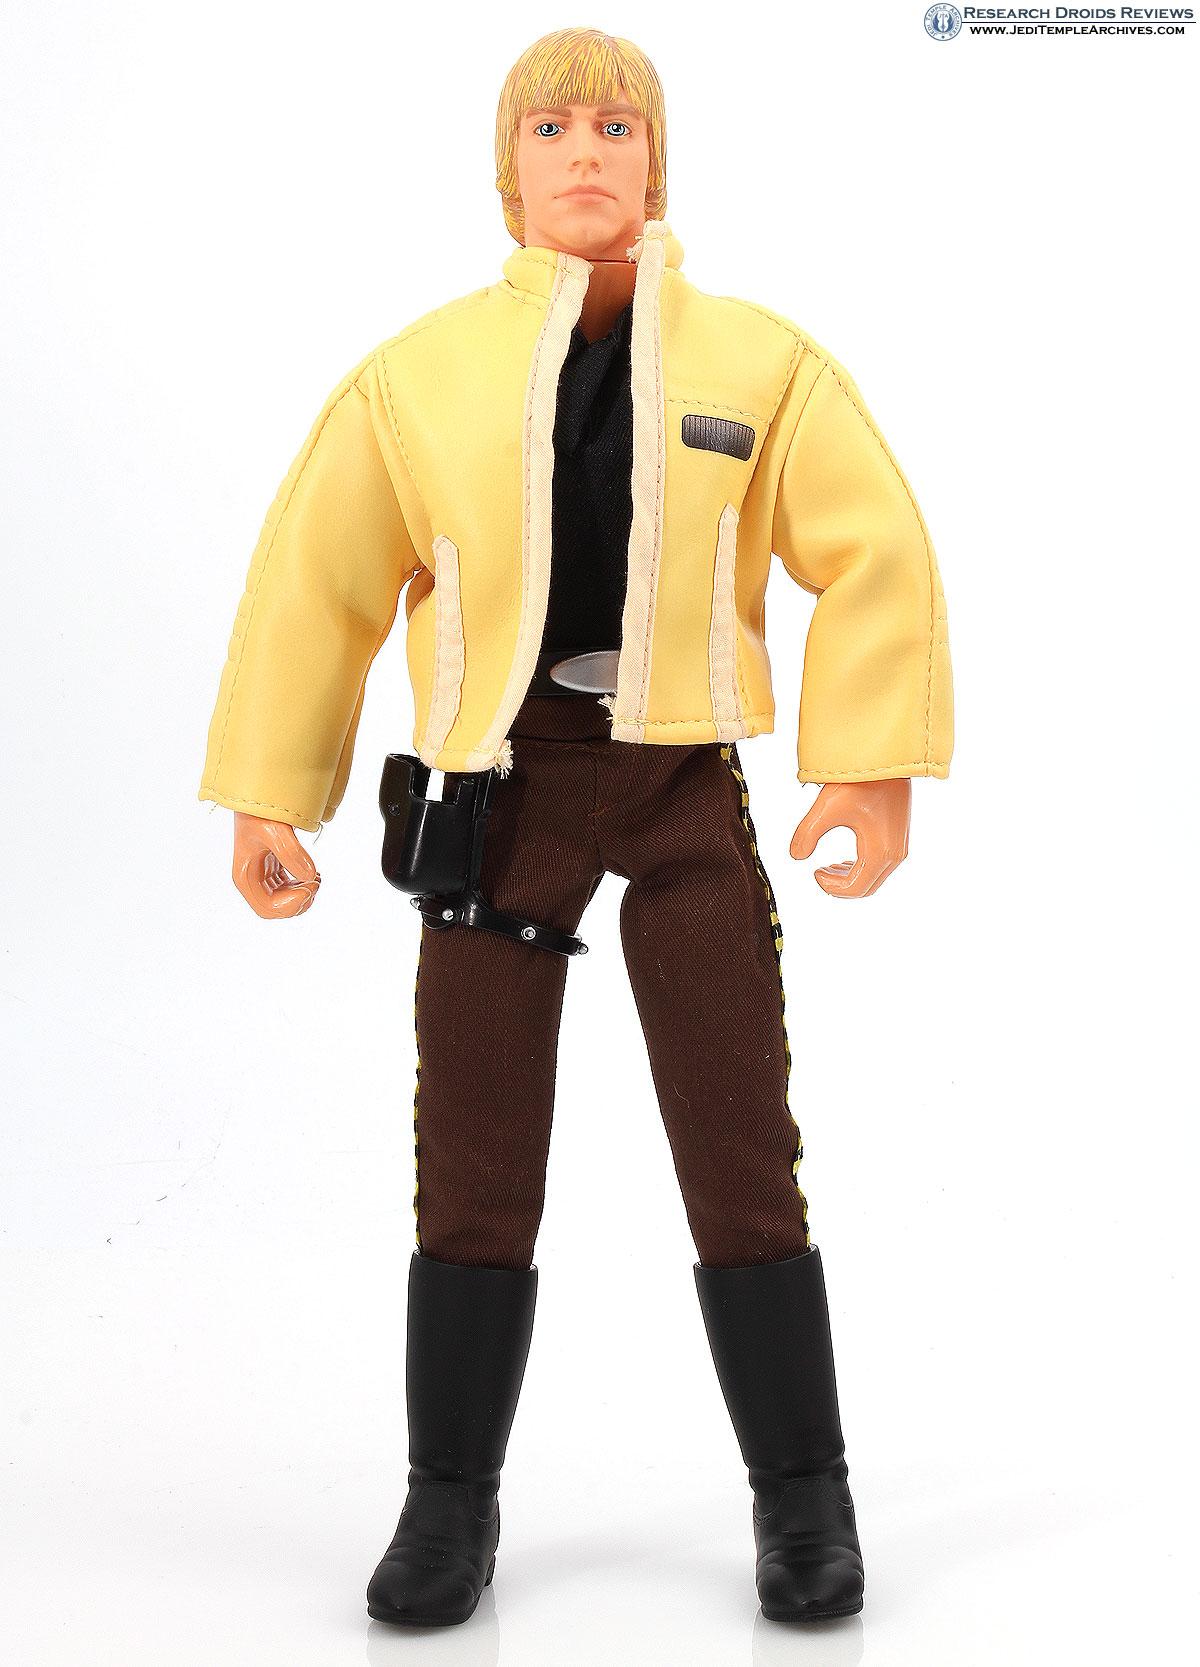 Luke Skywalker (in Ceremonial Outfit) -